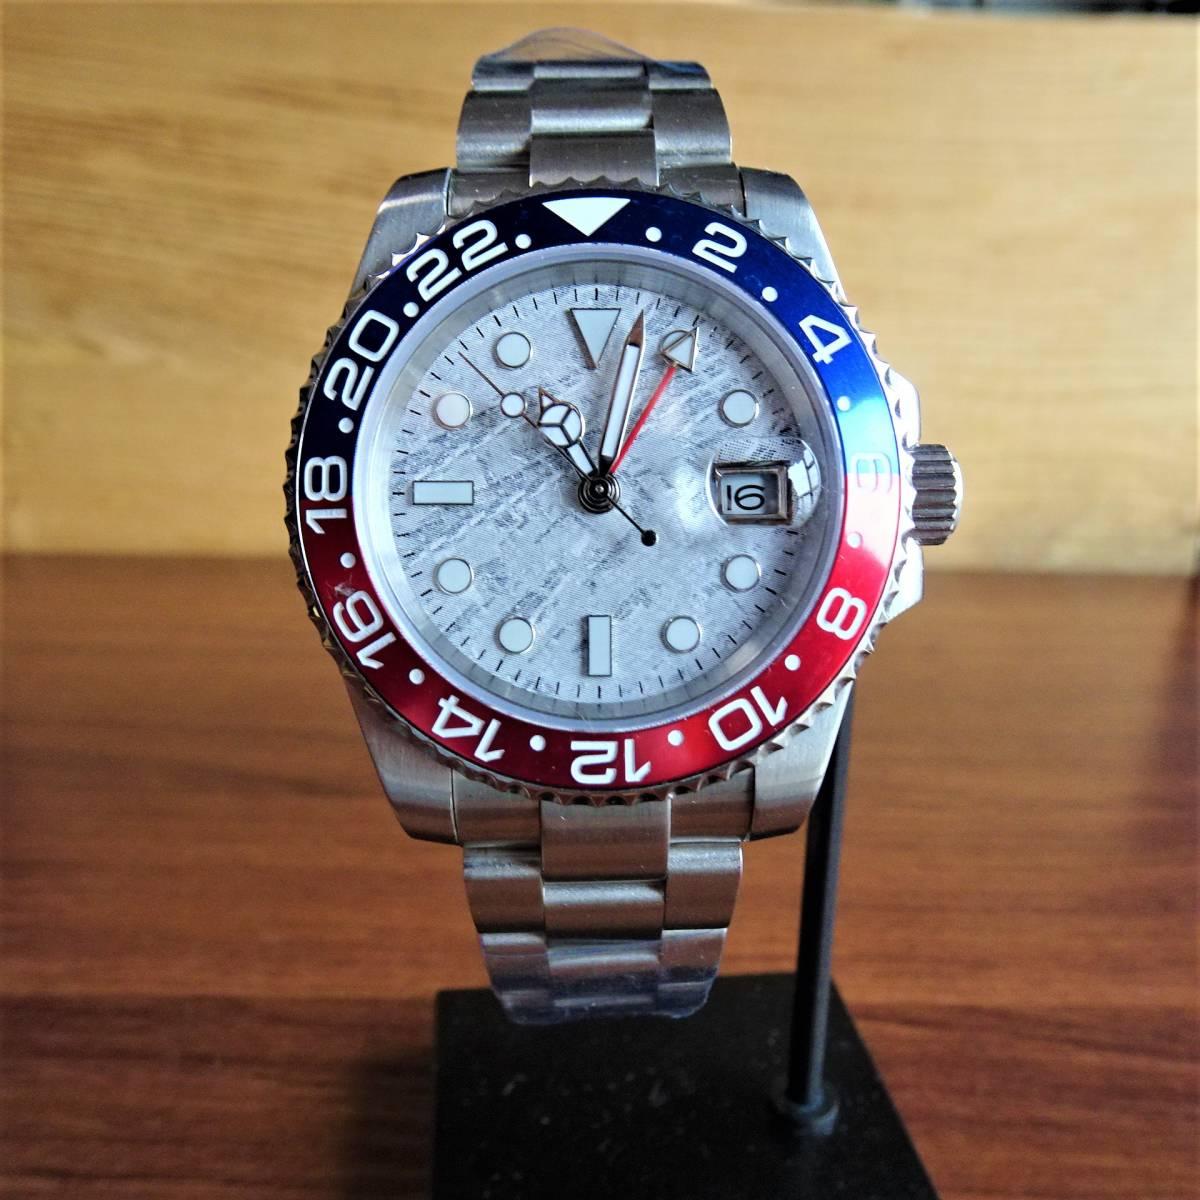 〓新品〓自動巻き機械式腕時計〓GMTダイバーノーロゴホワイトシェルモデル オールステンレス〓オマージュウォッチ 40mm 〓最落なし